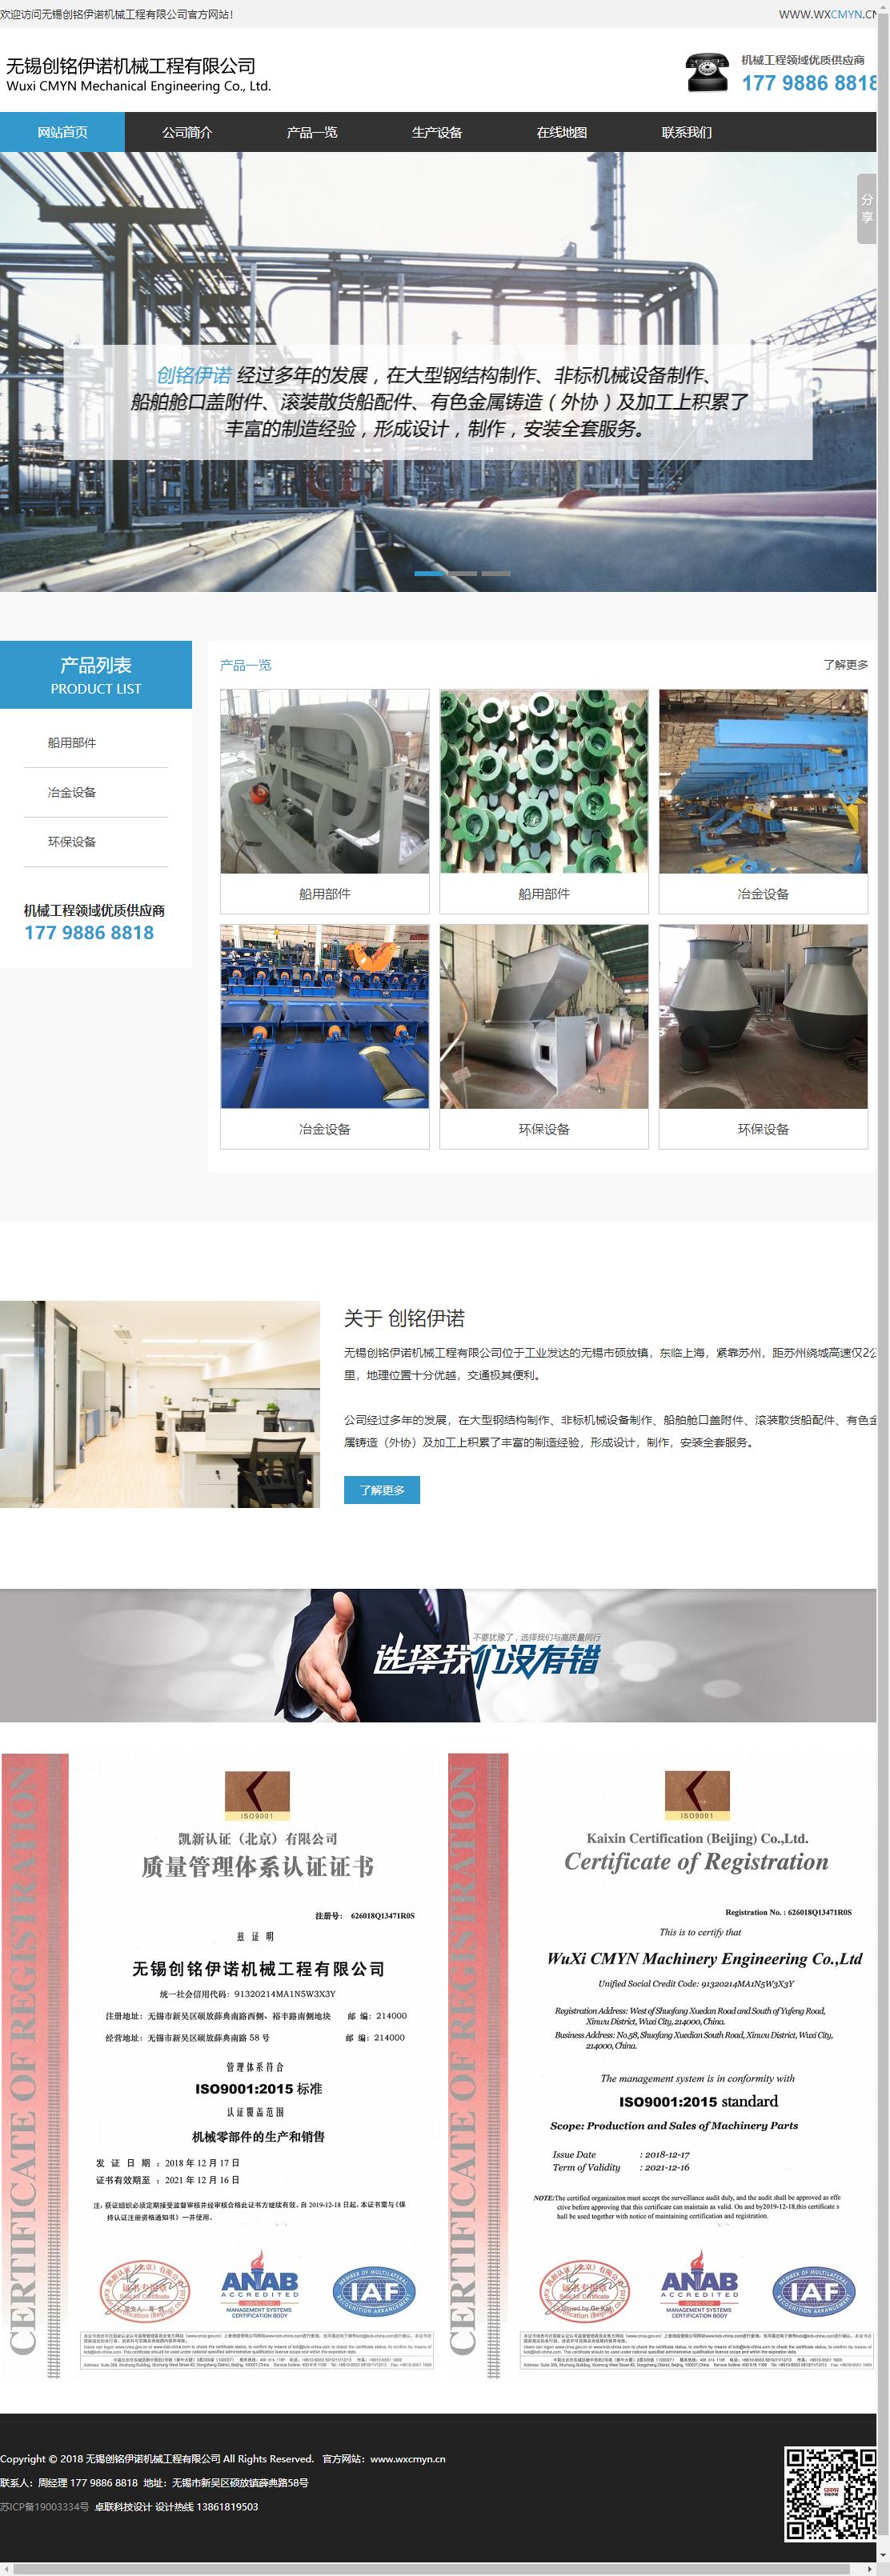 无锡创铭伊诺机械工程有限公司网站案例